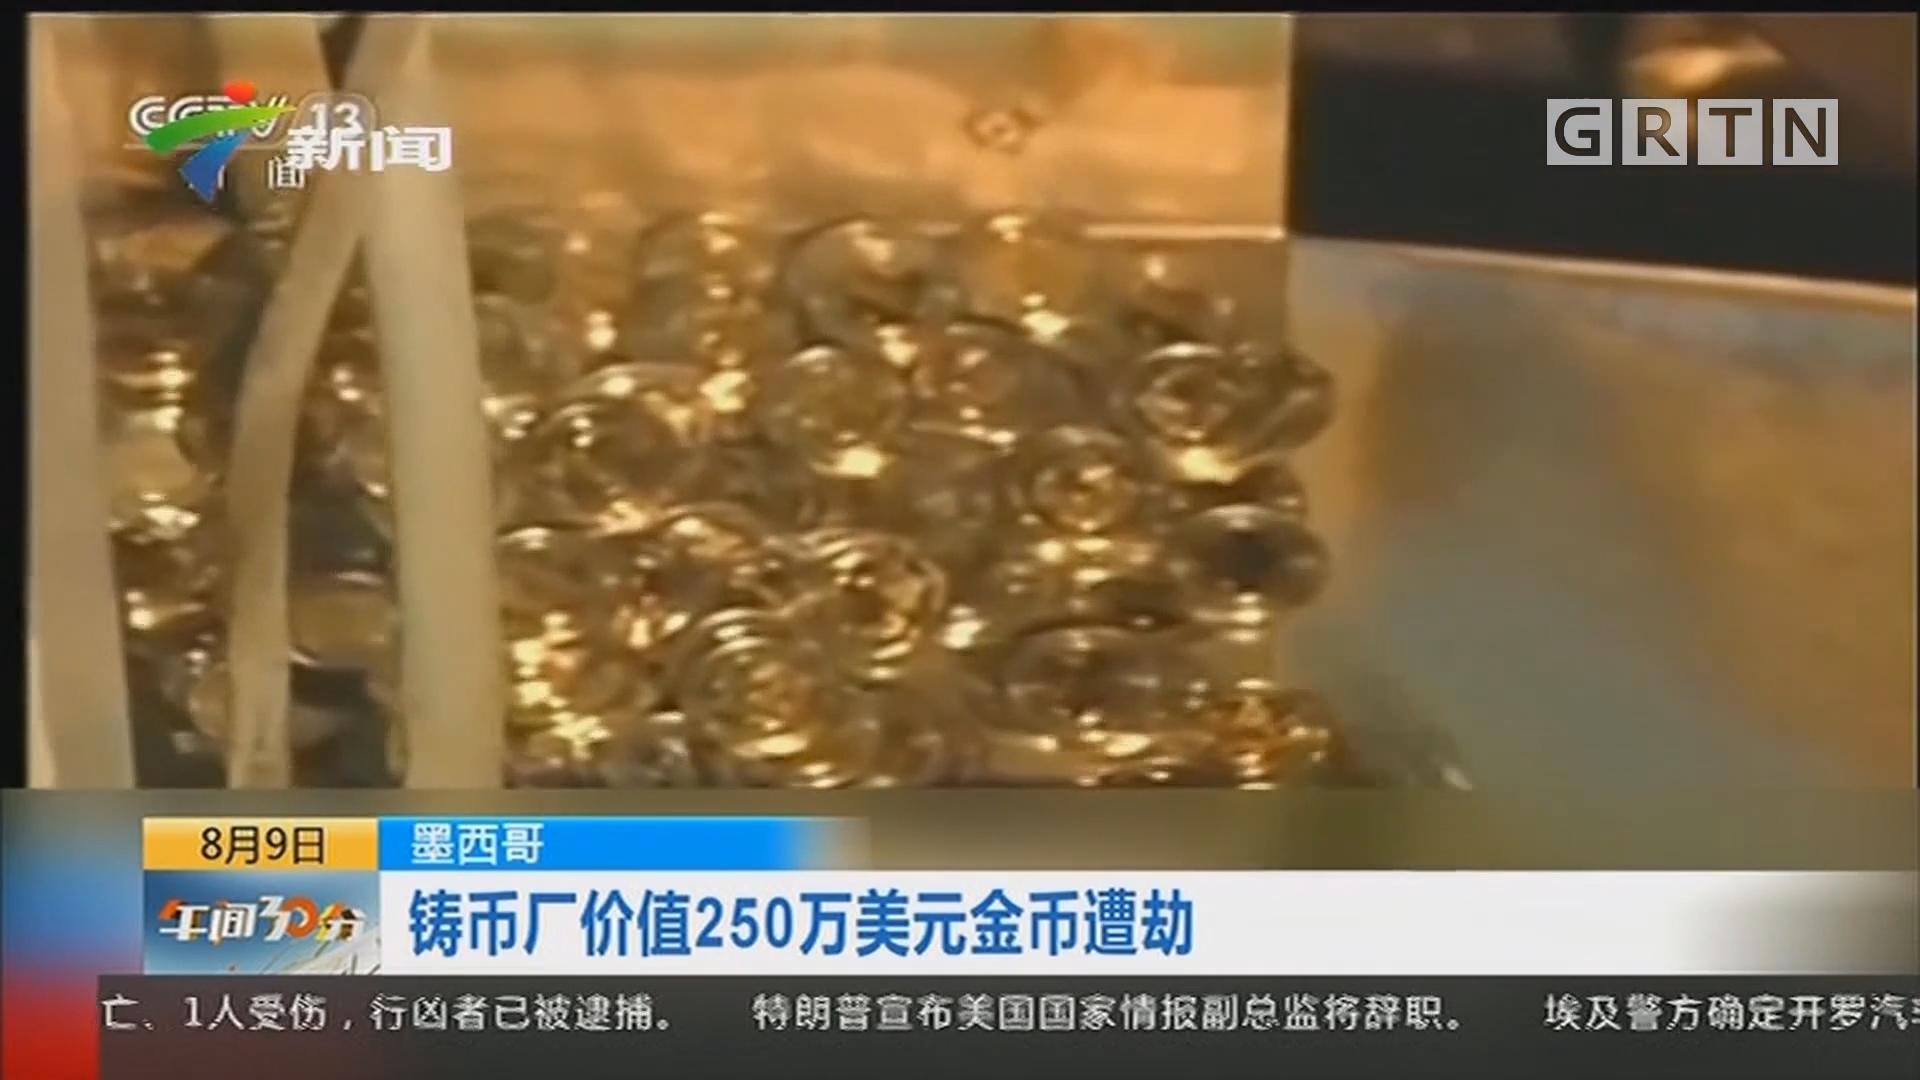 墨西哥:铸币厂价值250万美元金币遭劫